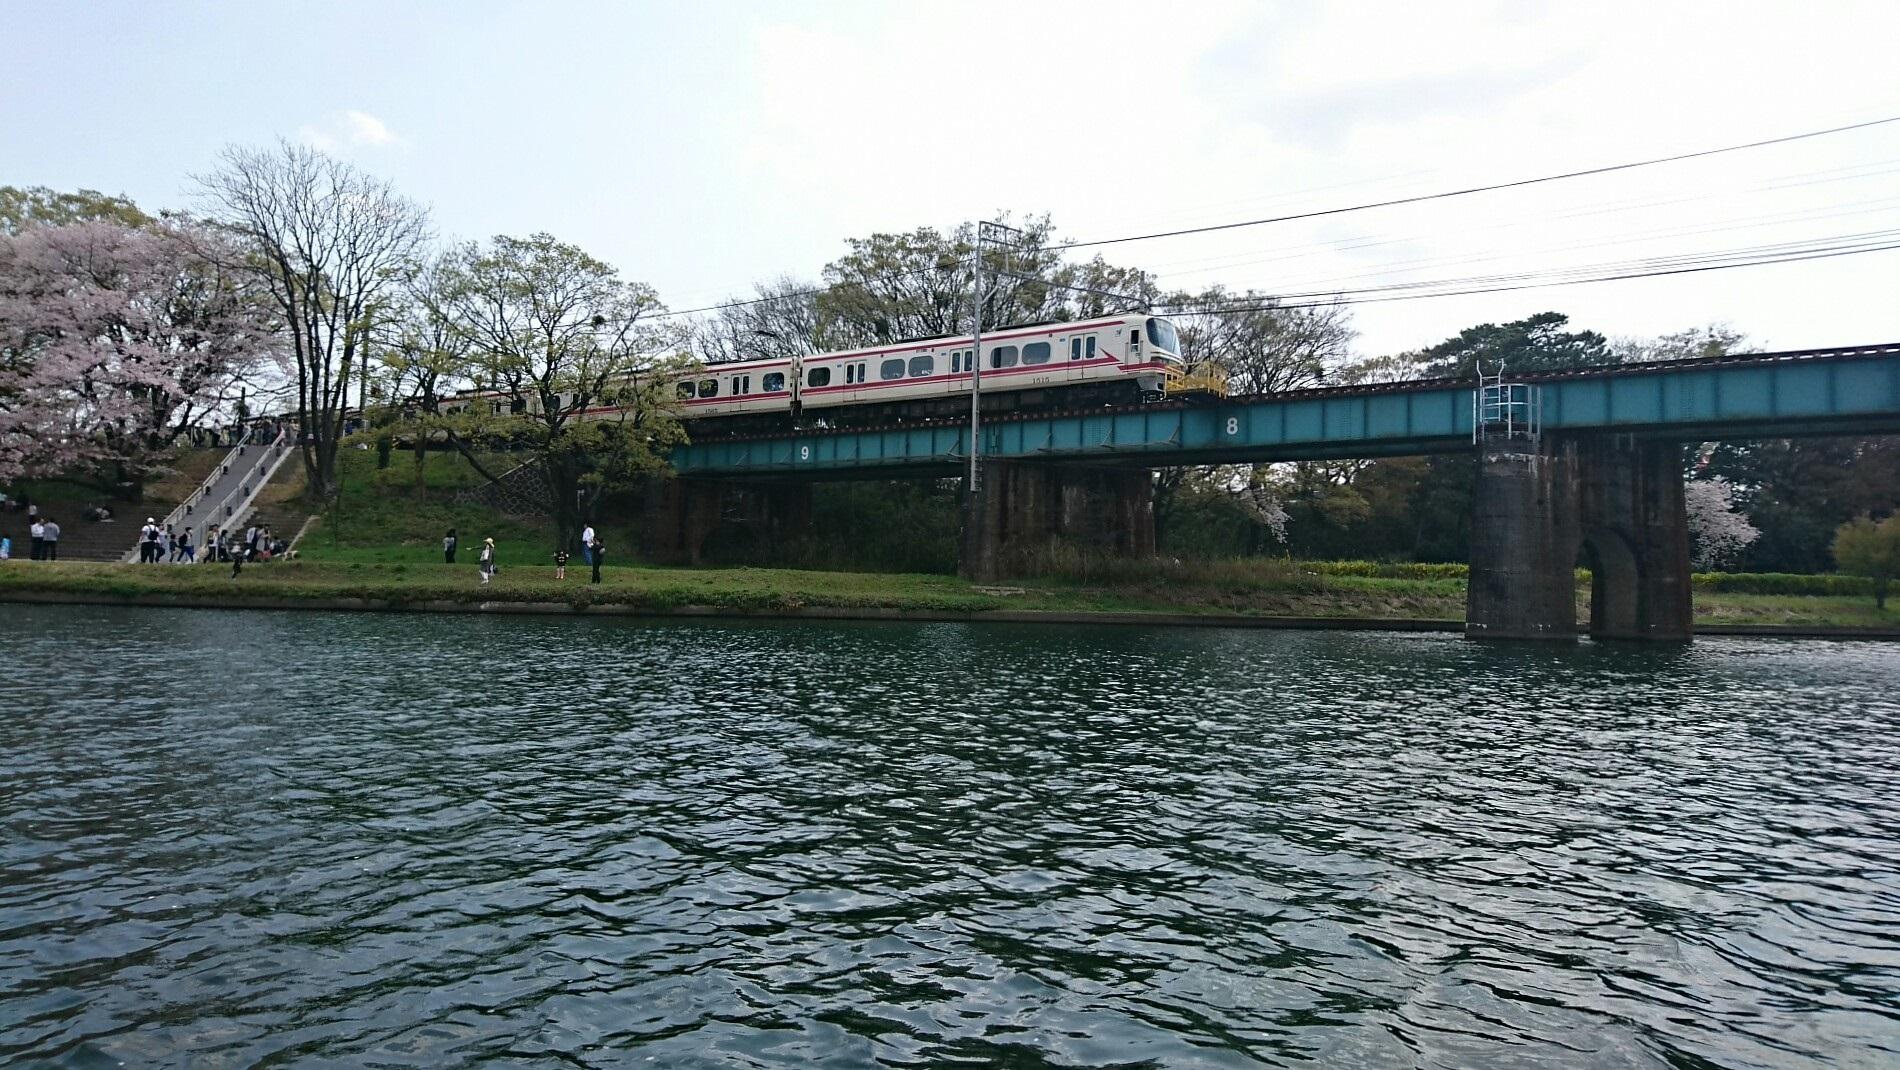 2018.3.31 岡崎ふなあそび (57) 転回 - 名古屋本線鉄橋 1900-1070